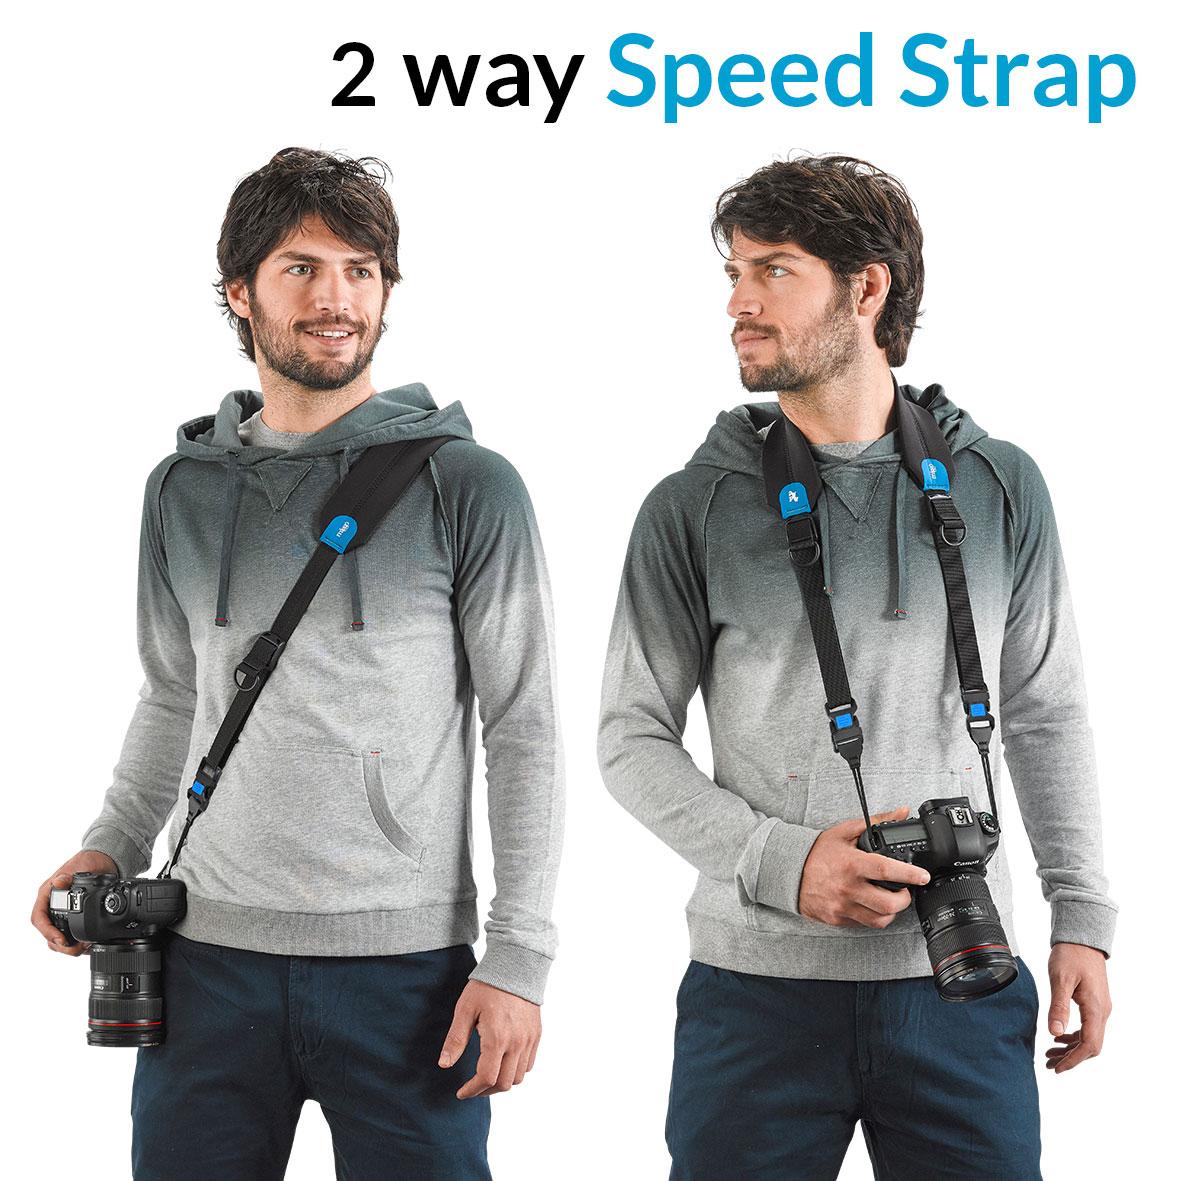 1-miggo_2way_Speed-Strap_Main.jpg